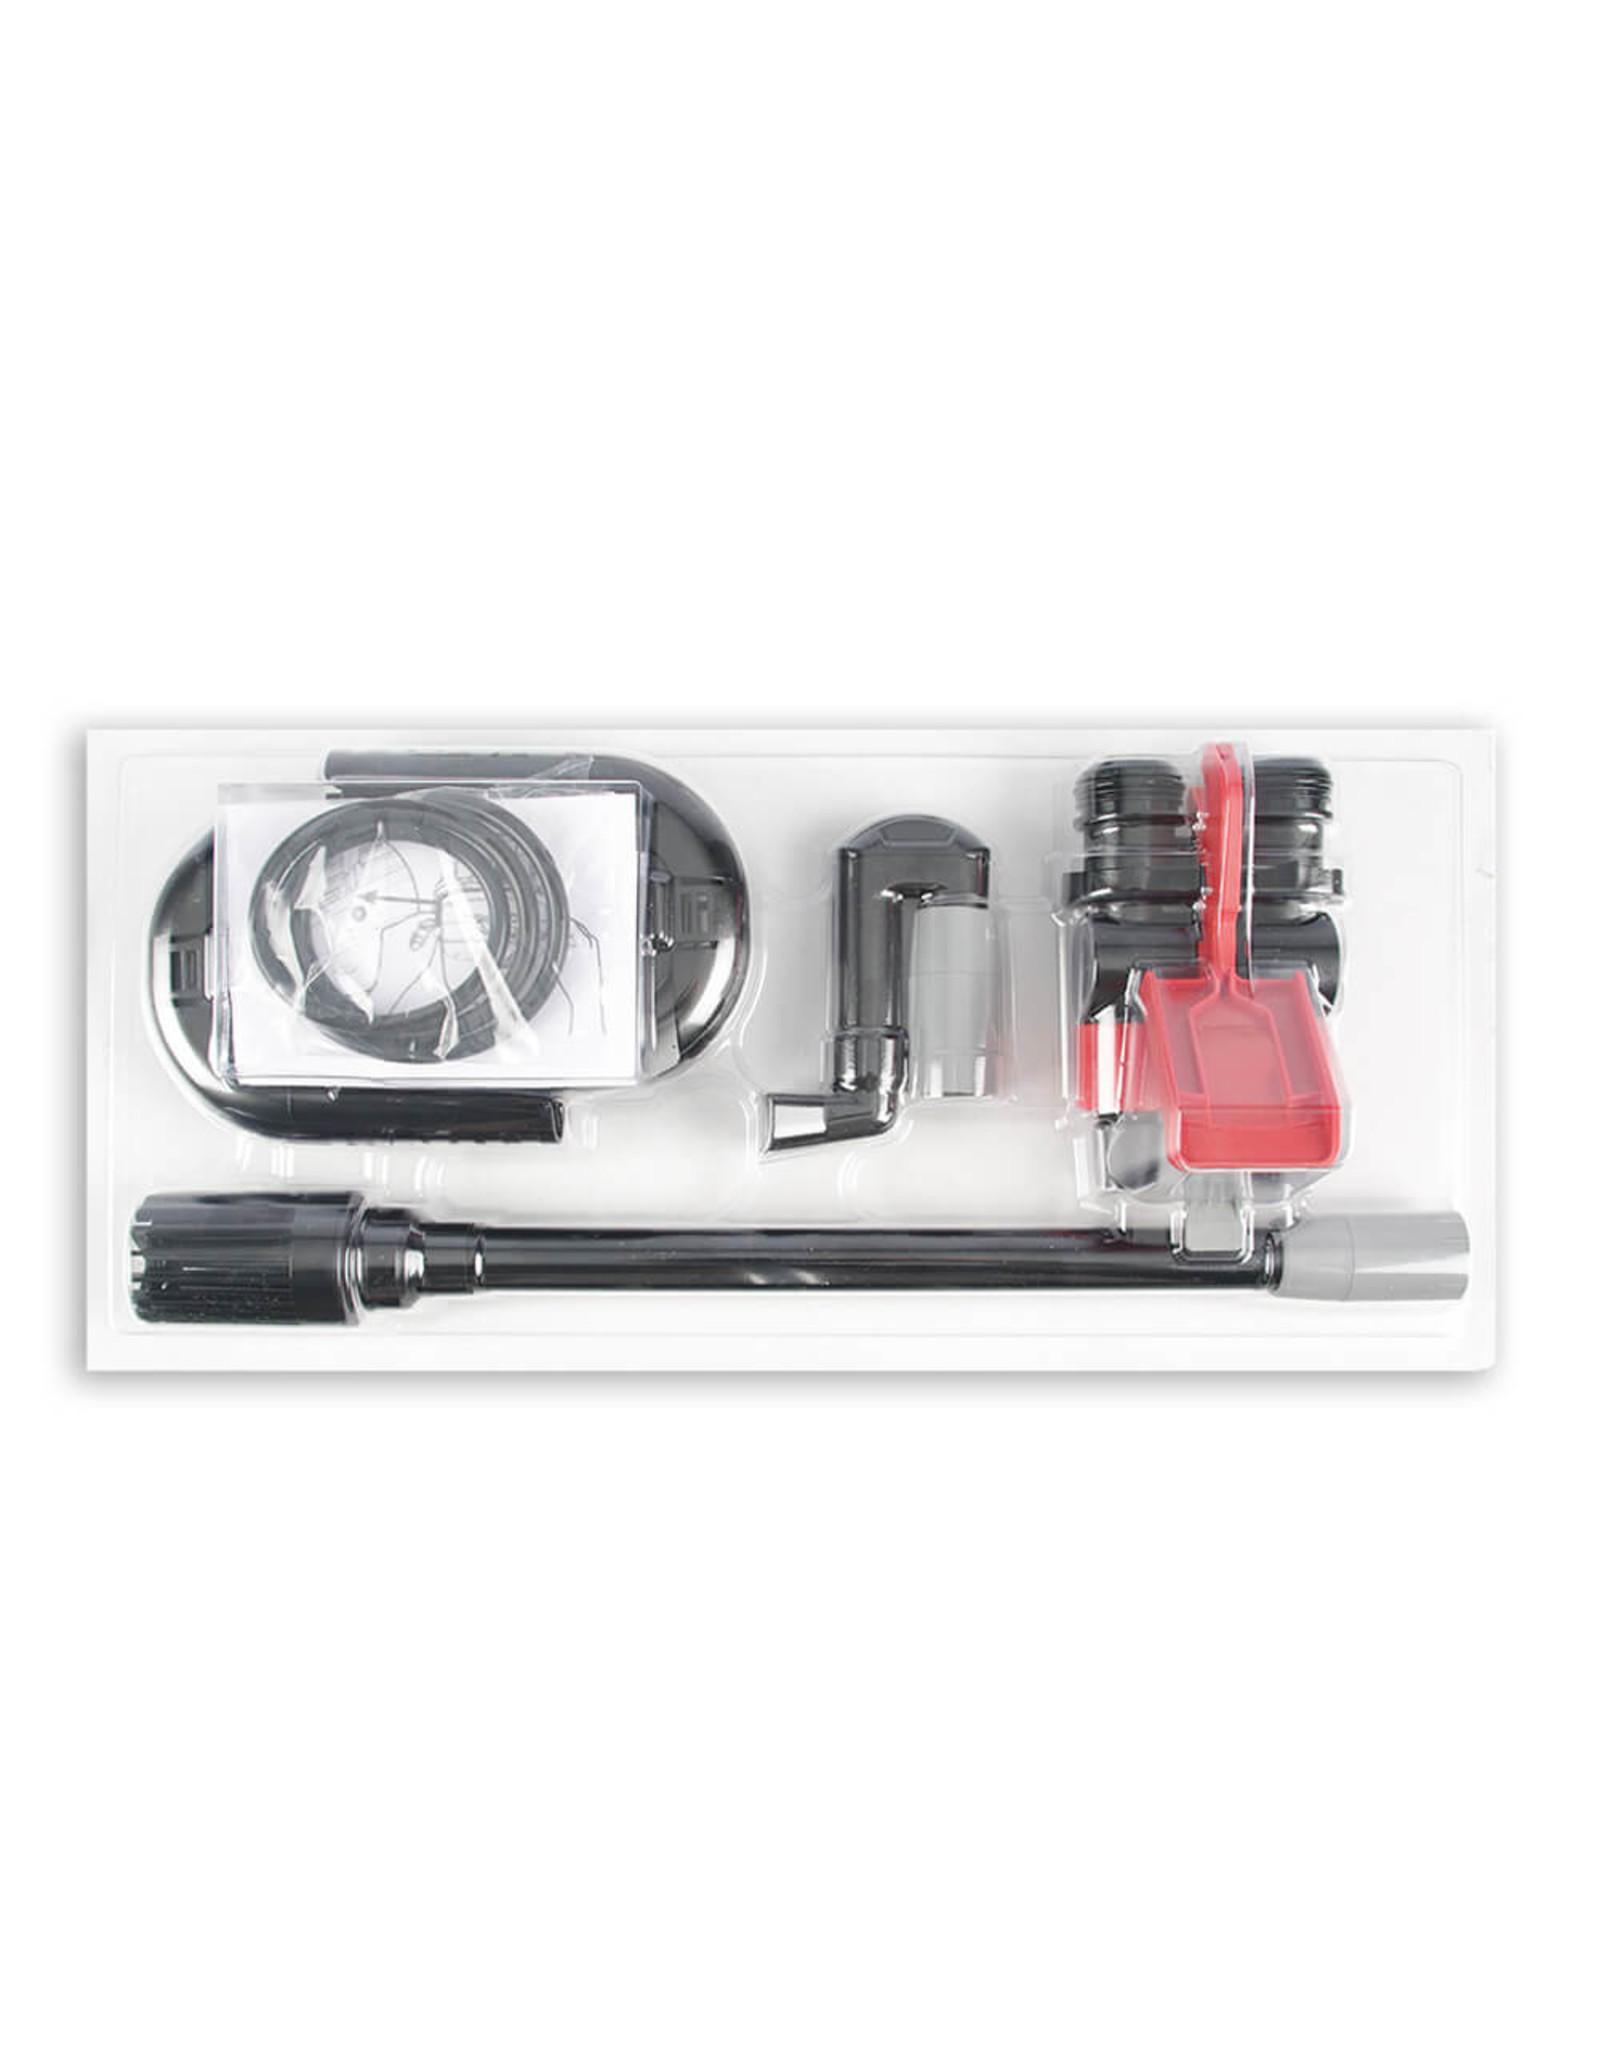 Fluval FLUVAL 307/407 Intake/Output Kit